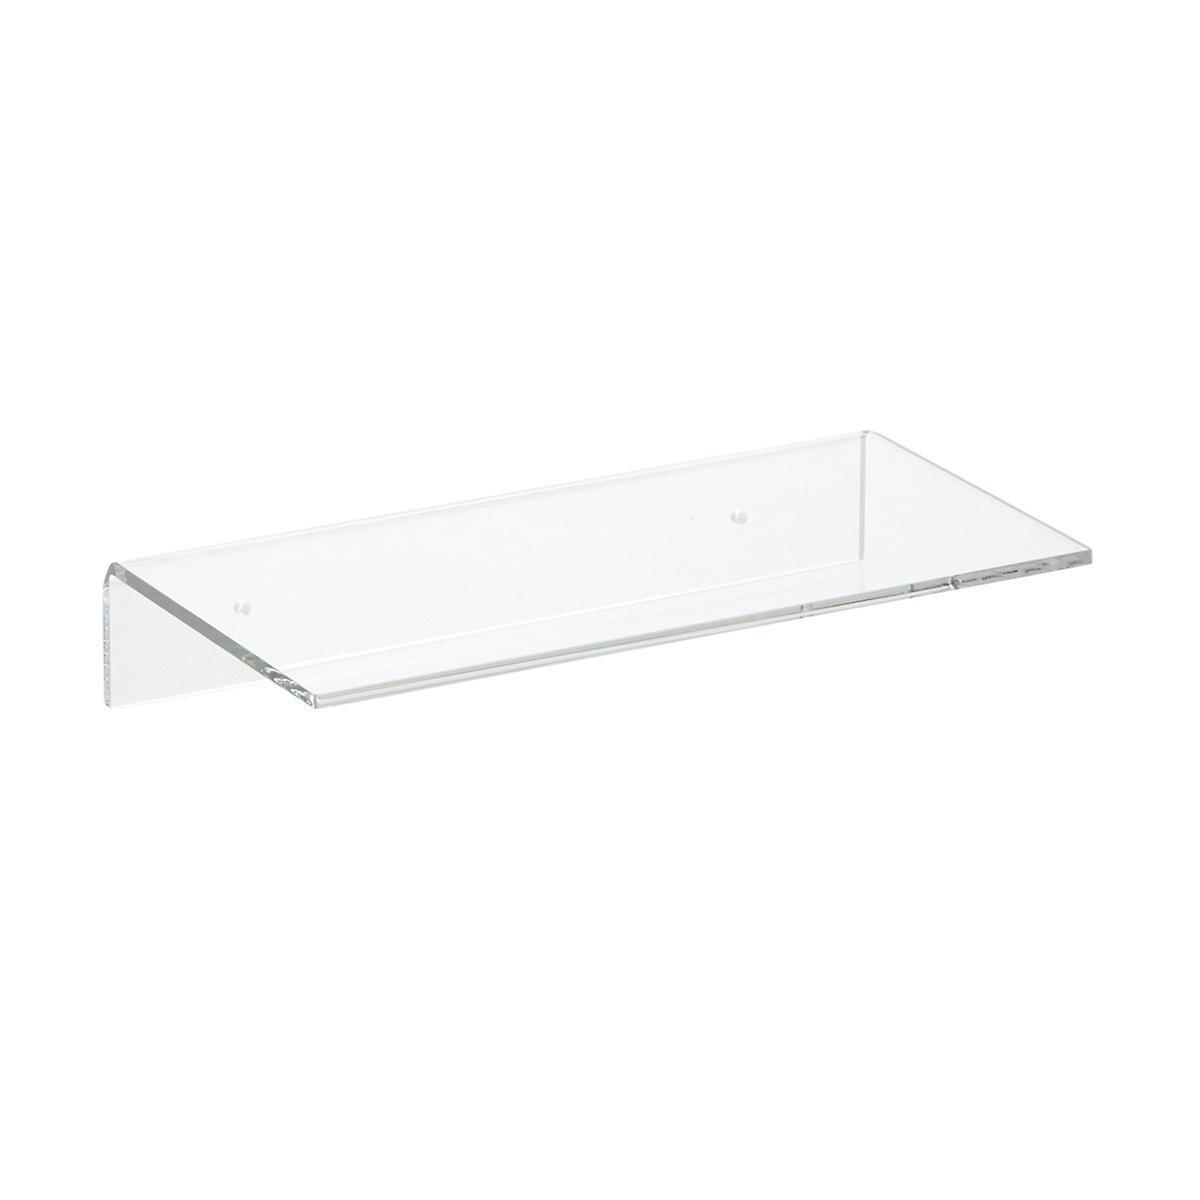 Prateleira de Acrilico Transparente Tamanho 45cm x 15cm